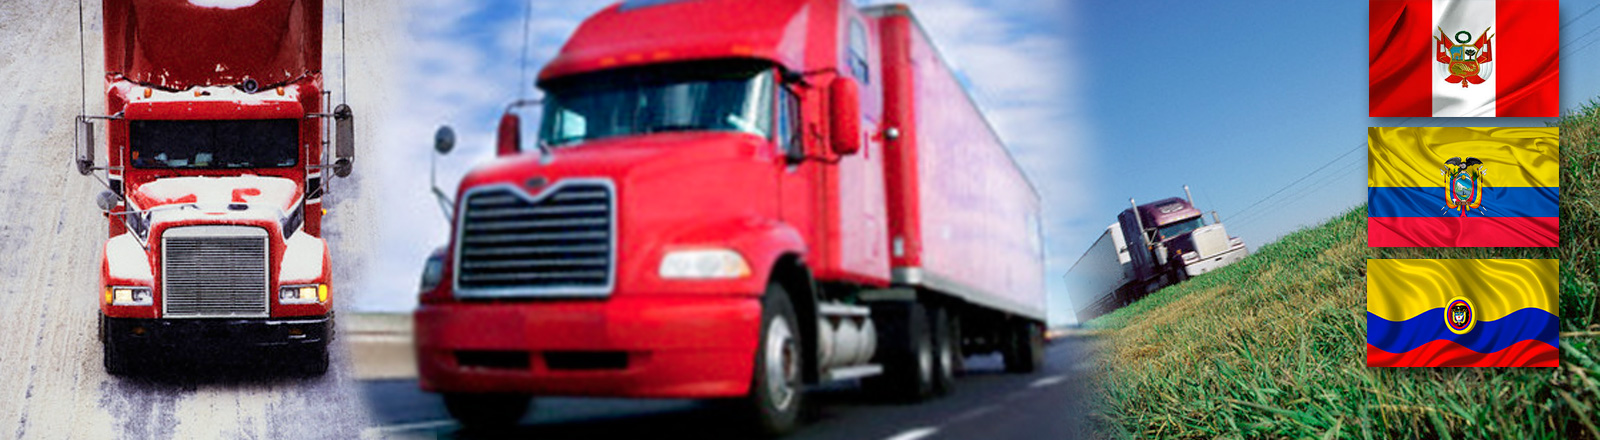 Servicio de Transporte Terrestre Internacional de Mercancías